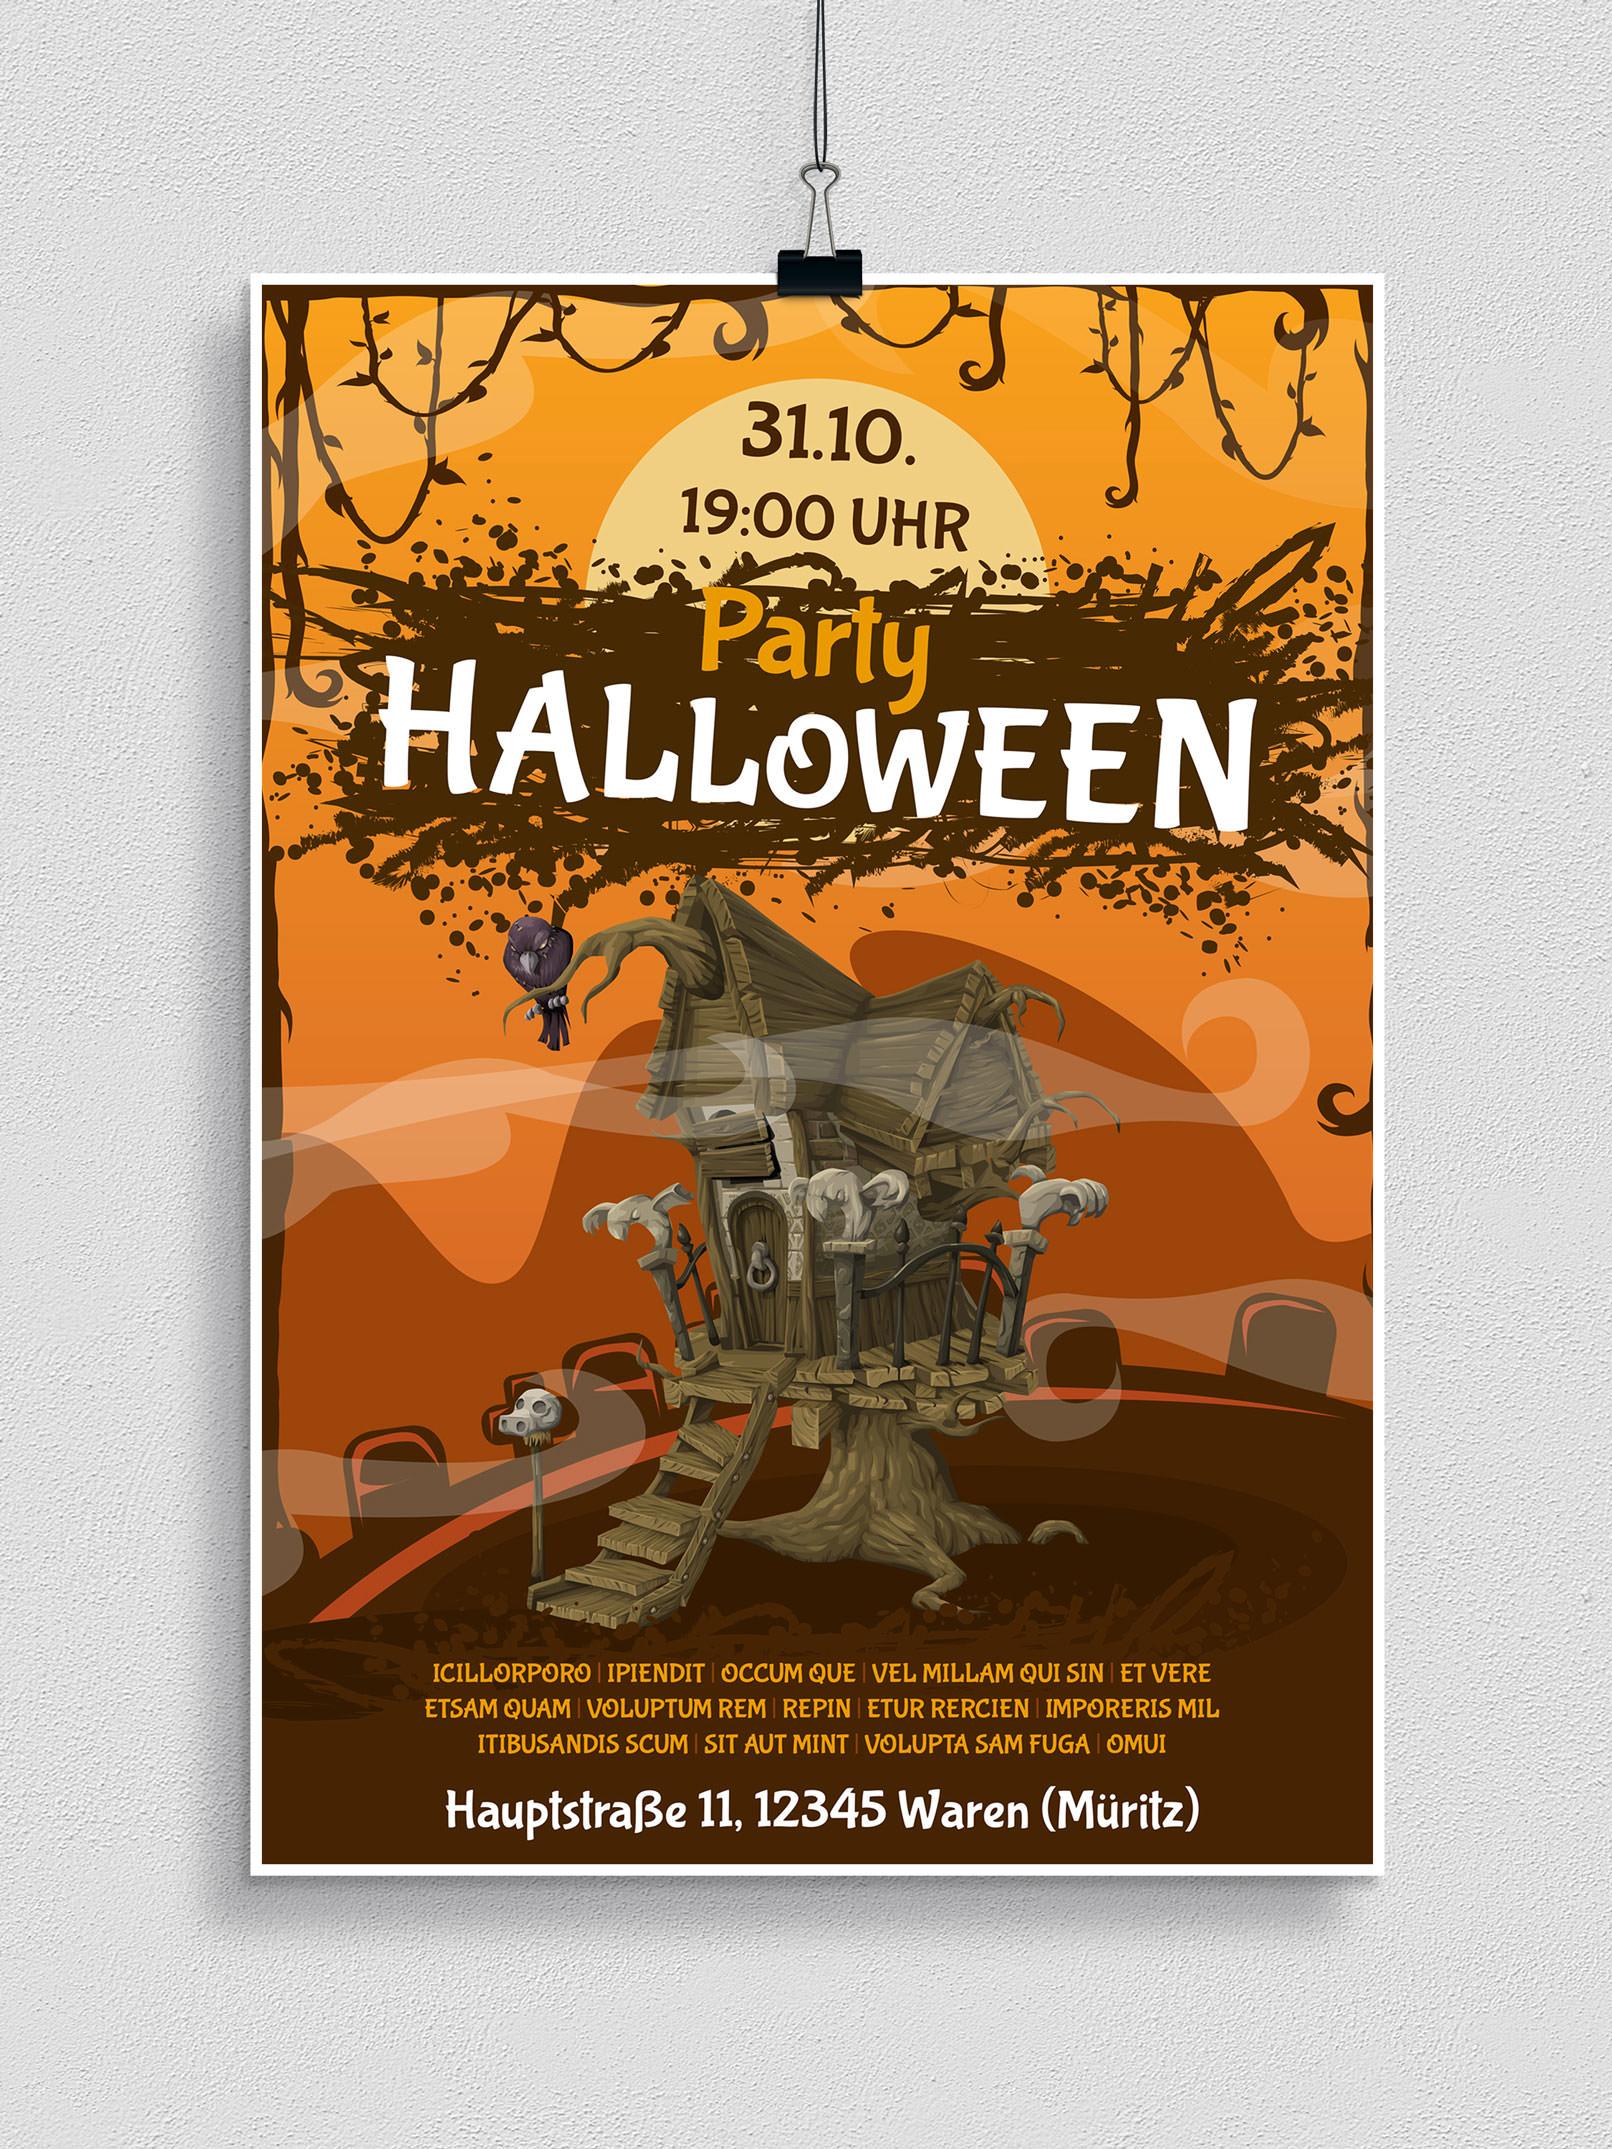 Halloween Vorlagen Für Plakat Flyer Einladung Herunterladen